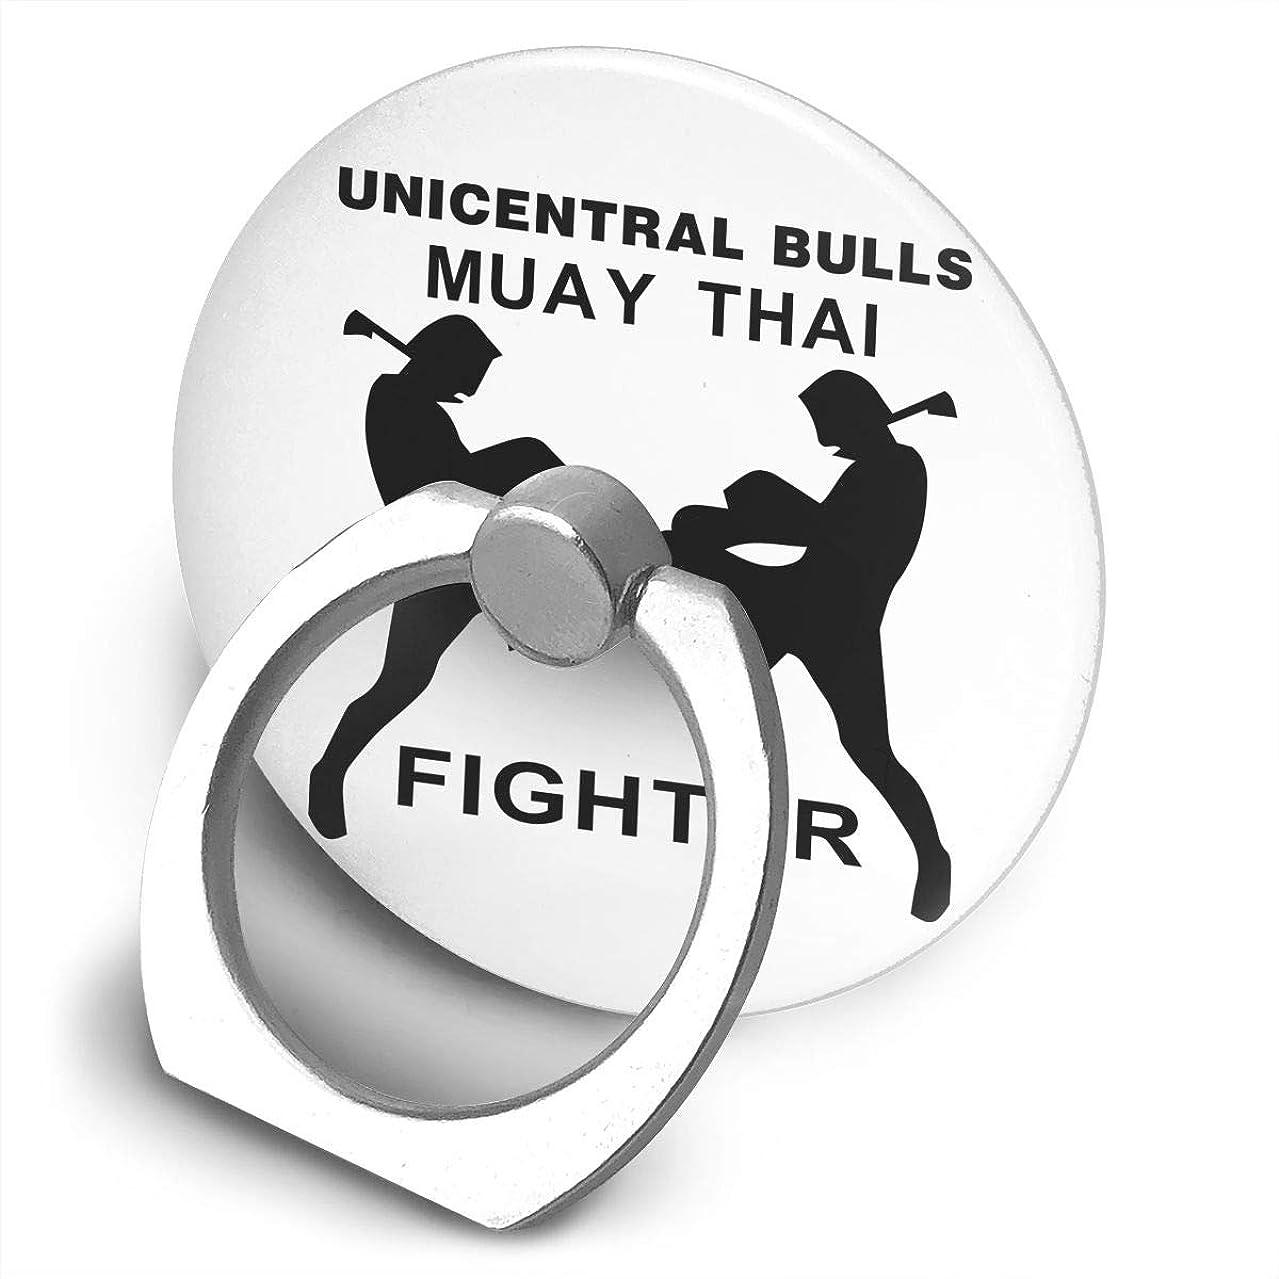 精算無中国Fighter Unicentral Bulls Muay Thai ザ?ファイター スマホ リング ホールドリング 指輪リング 薄型 おしゃれ スタンド機能 落下防止 360度回転 タブレット/スマホ IPhone/Android各種他対応